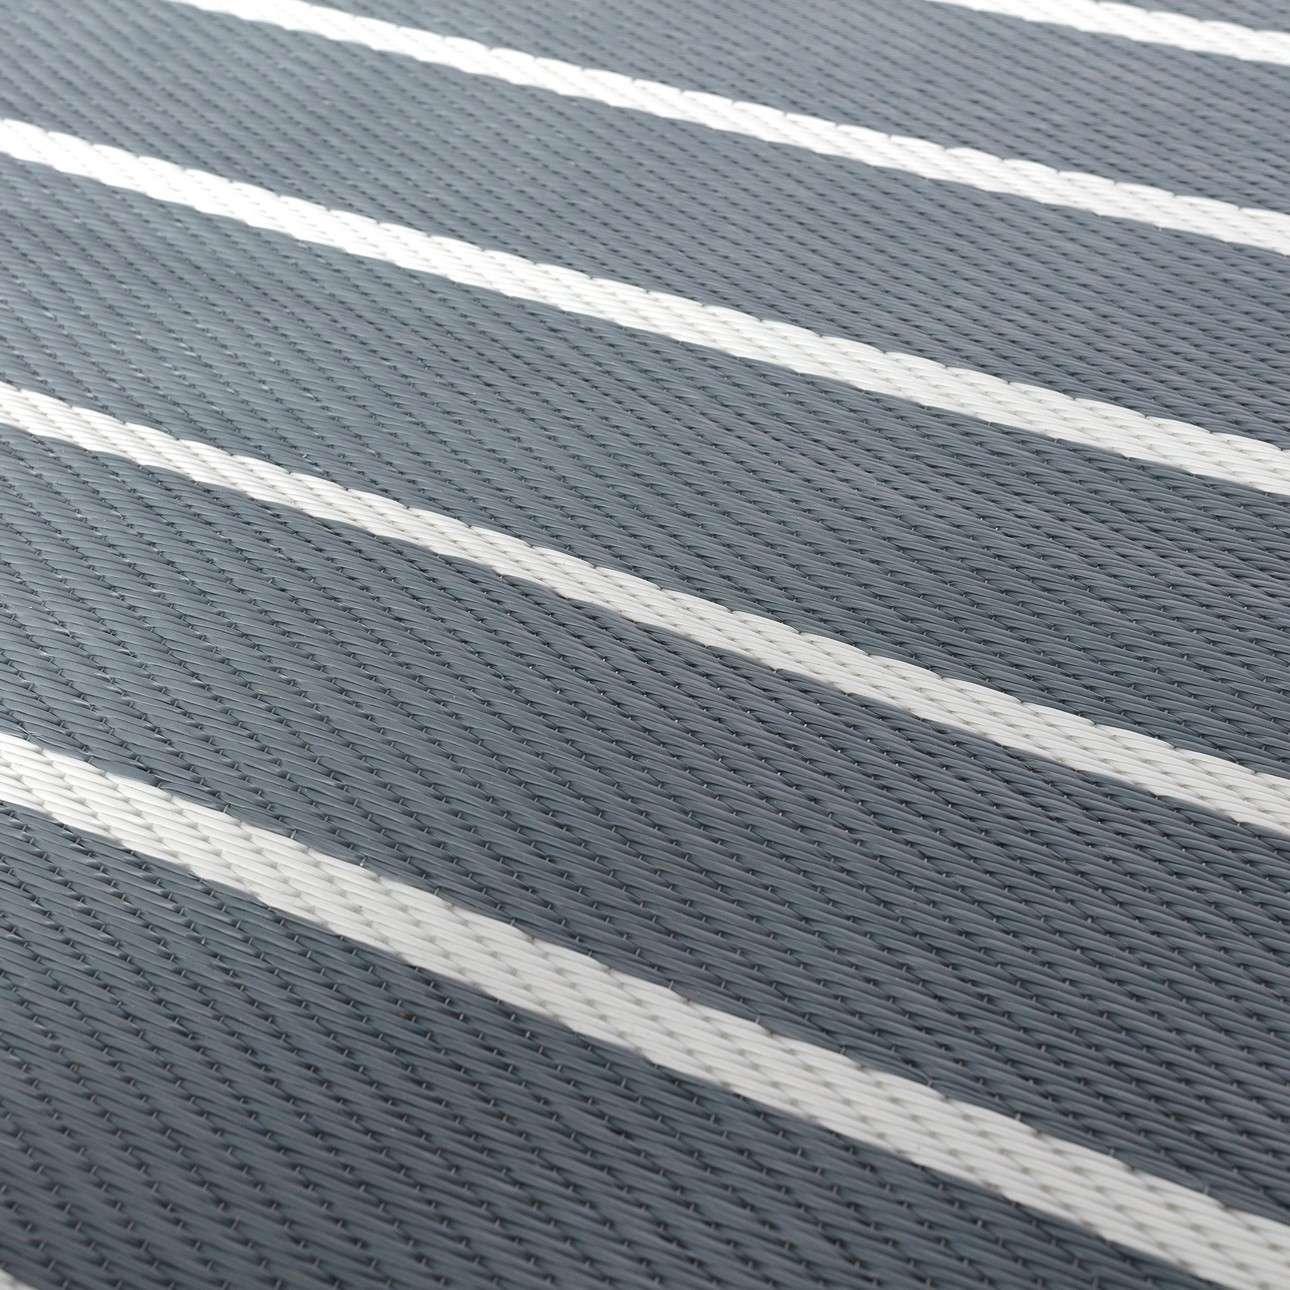 Teppich Strips white/gray 120x180cm